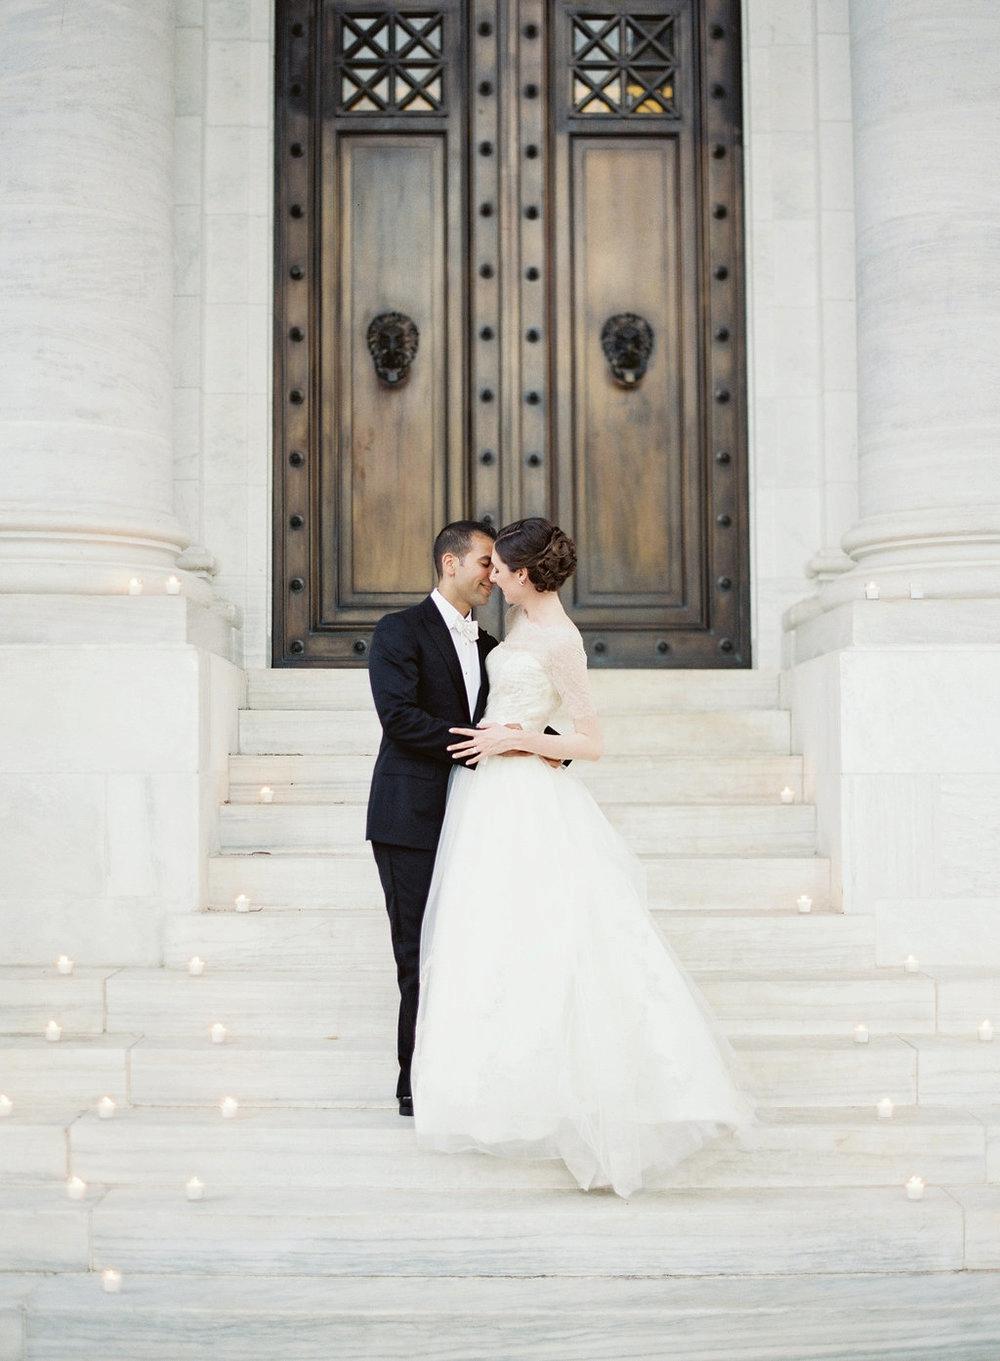 DAR Classic DC Wedding